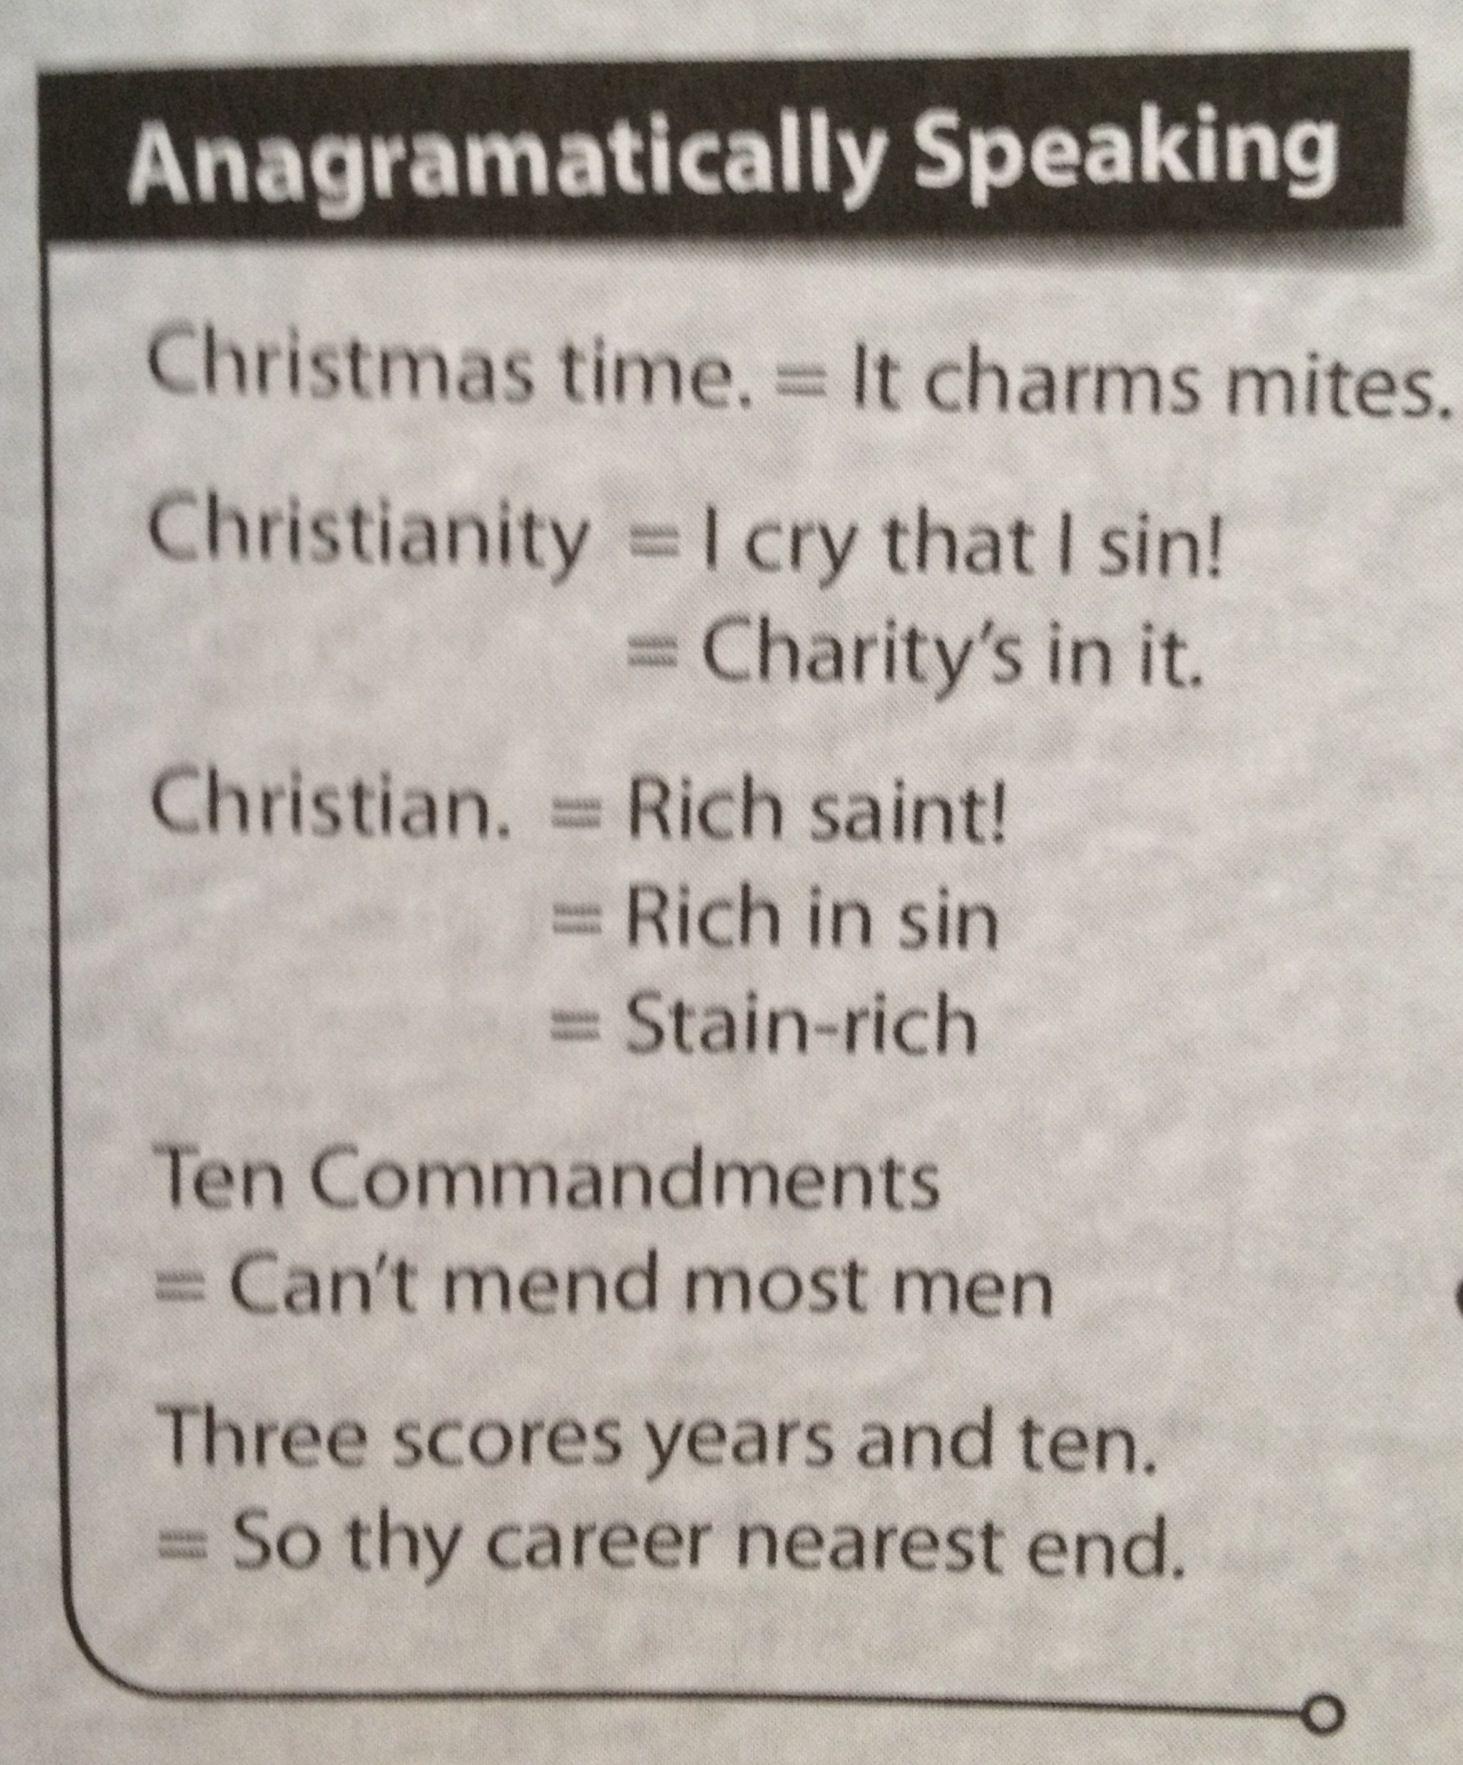 Christmas Anagrams Wordplay Christmas Christianity God